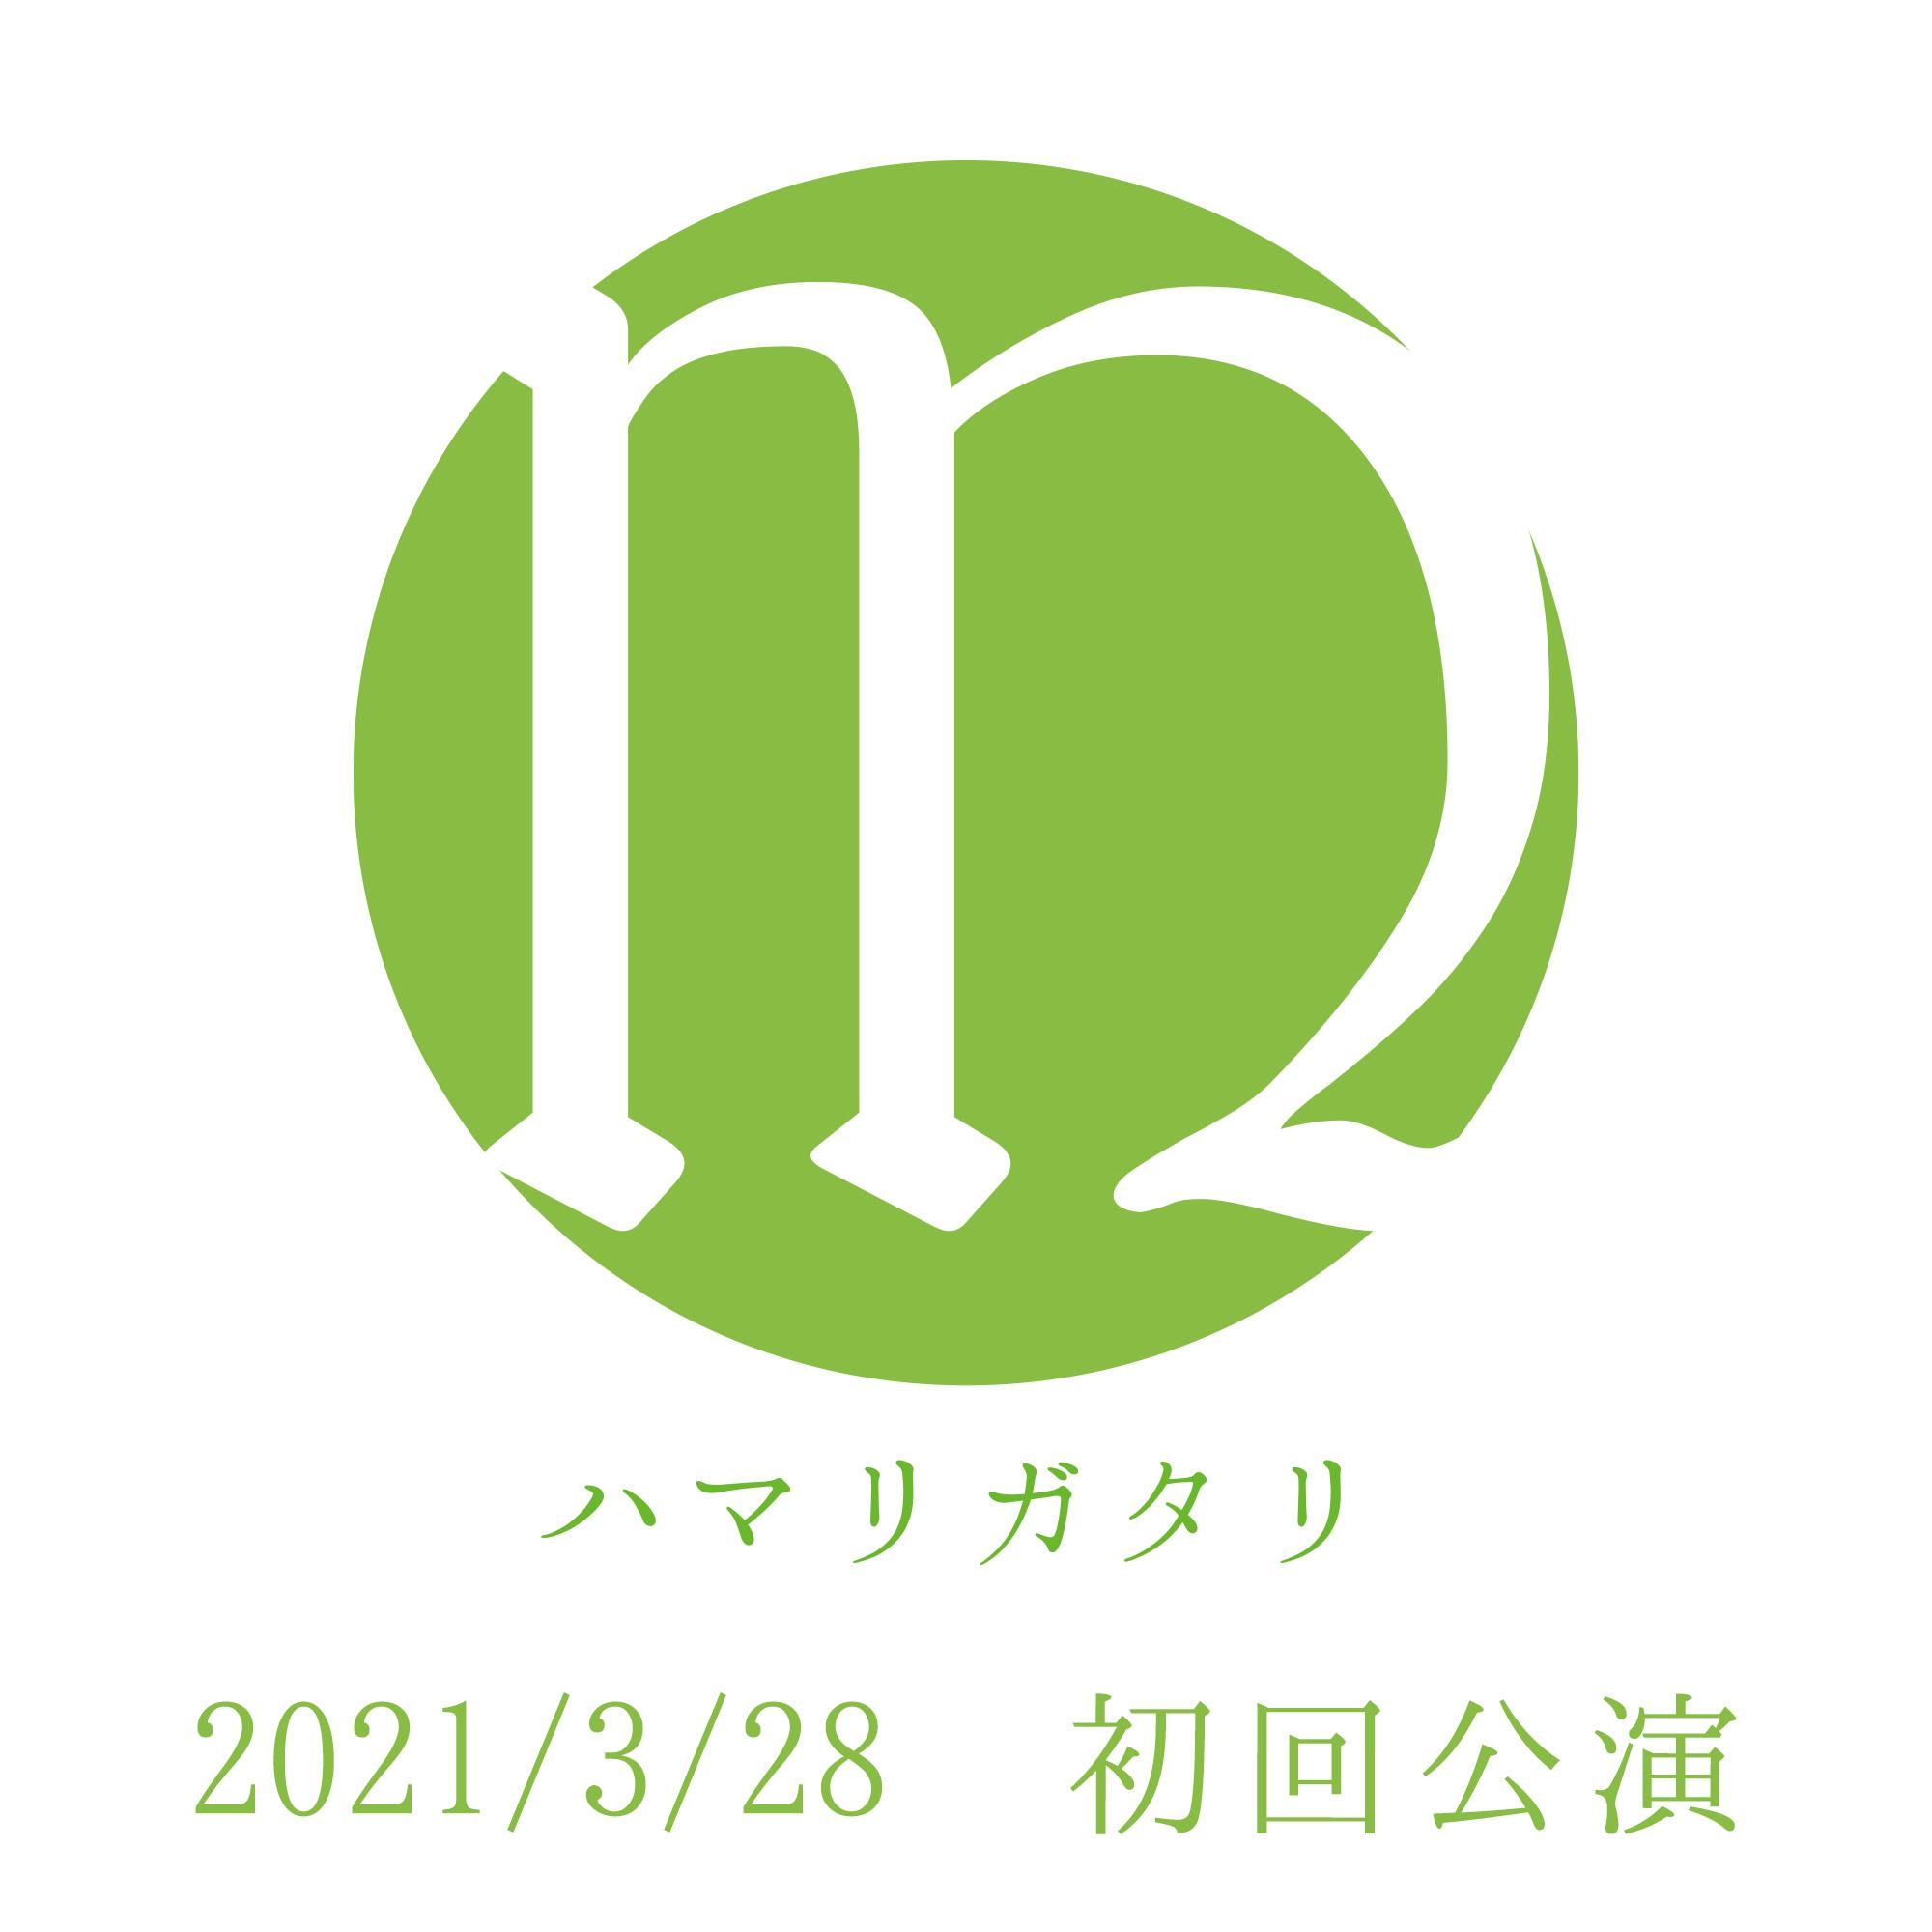 第1回「ハマリガタリM」ゲスト:笹翼